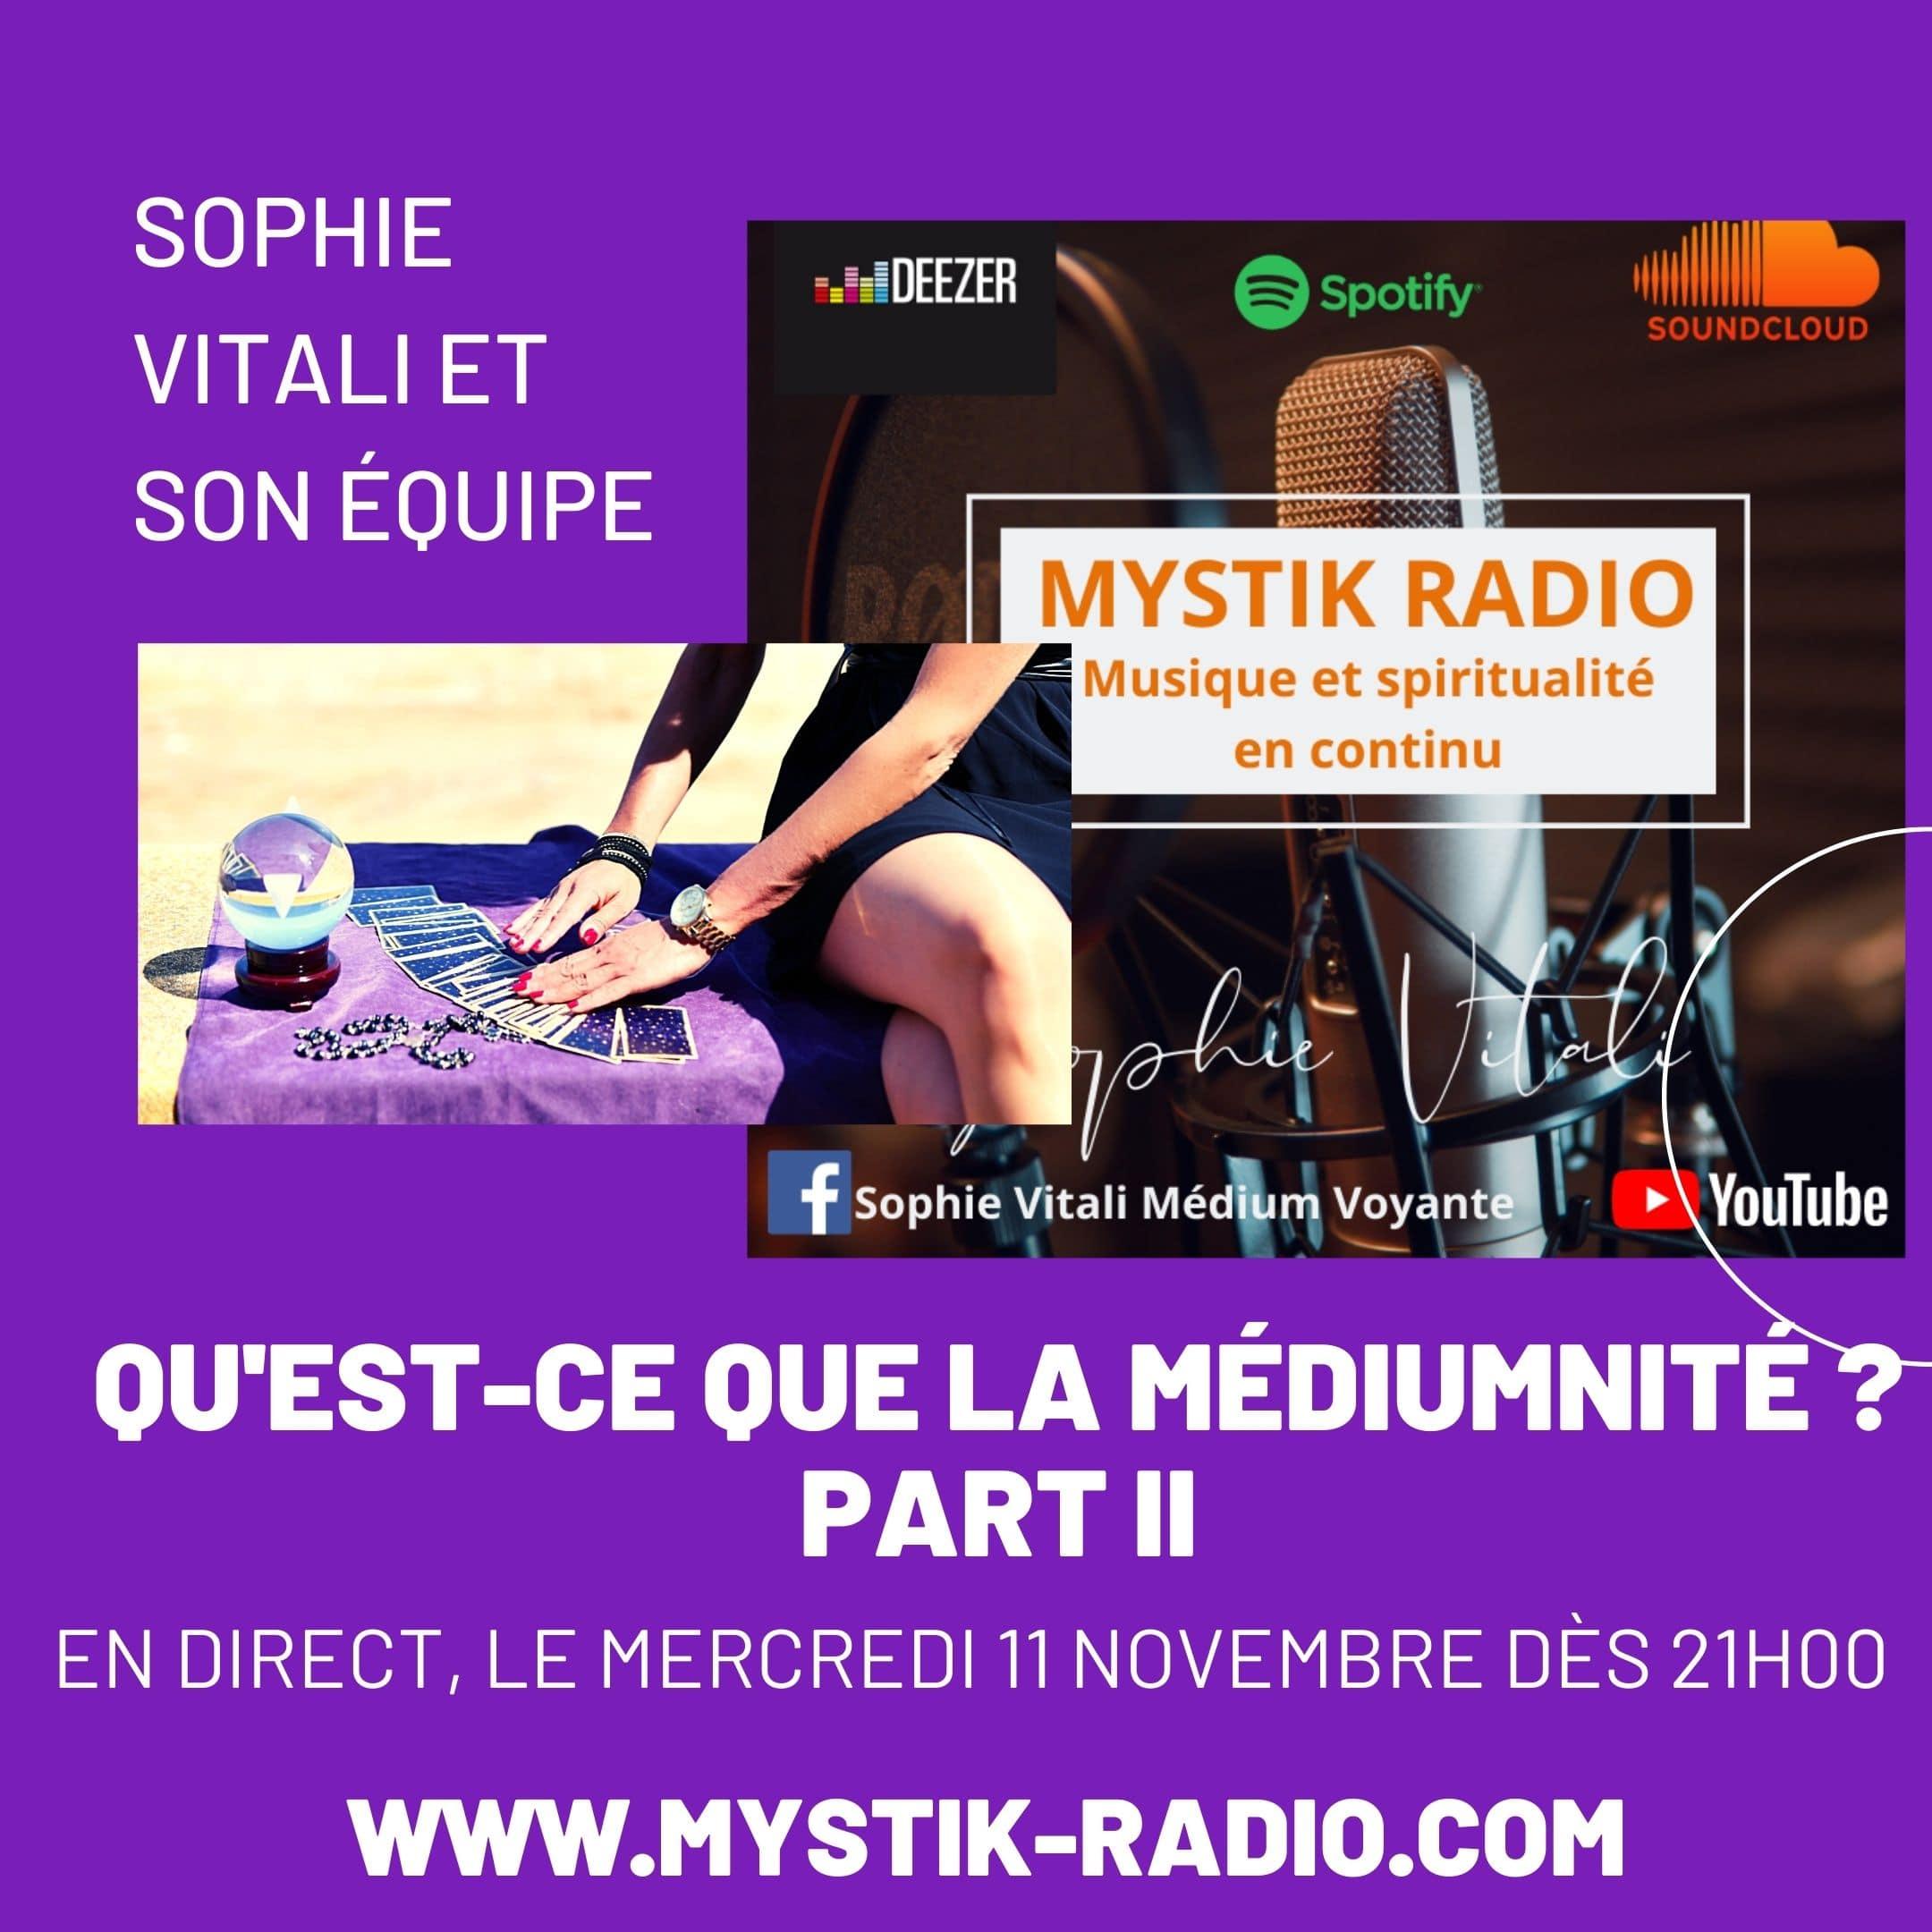 Qu'est ce que la médiumnité ? Part II / Mystik Radio